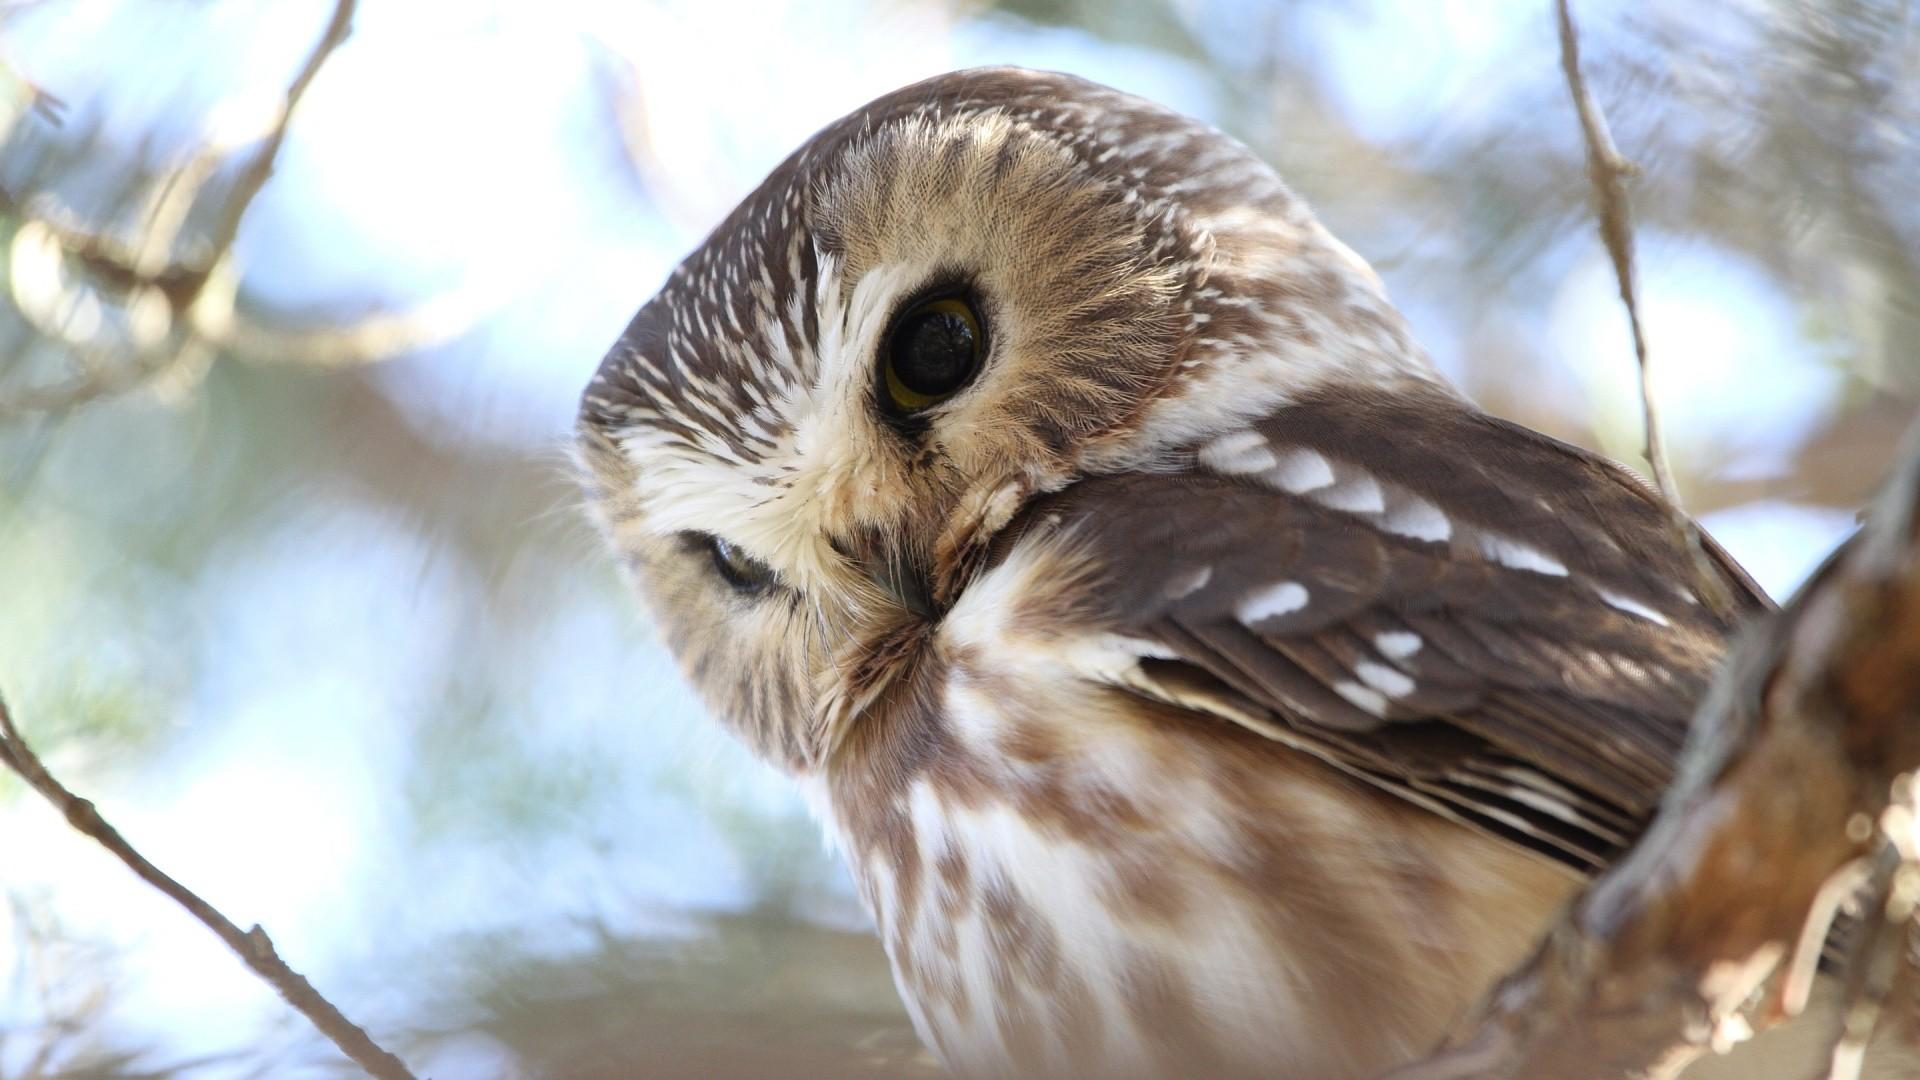 owl wallpaper x umadcom with owl wallpaper.